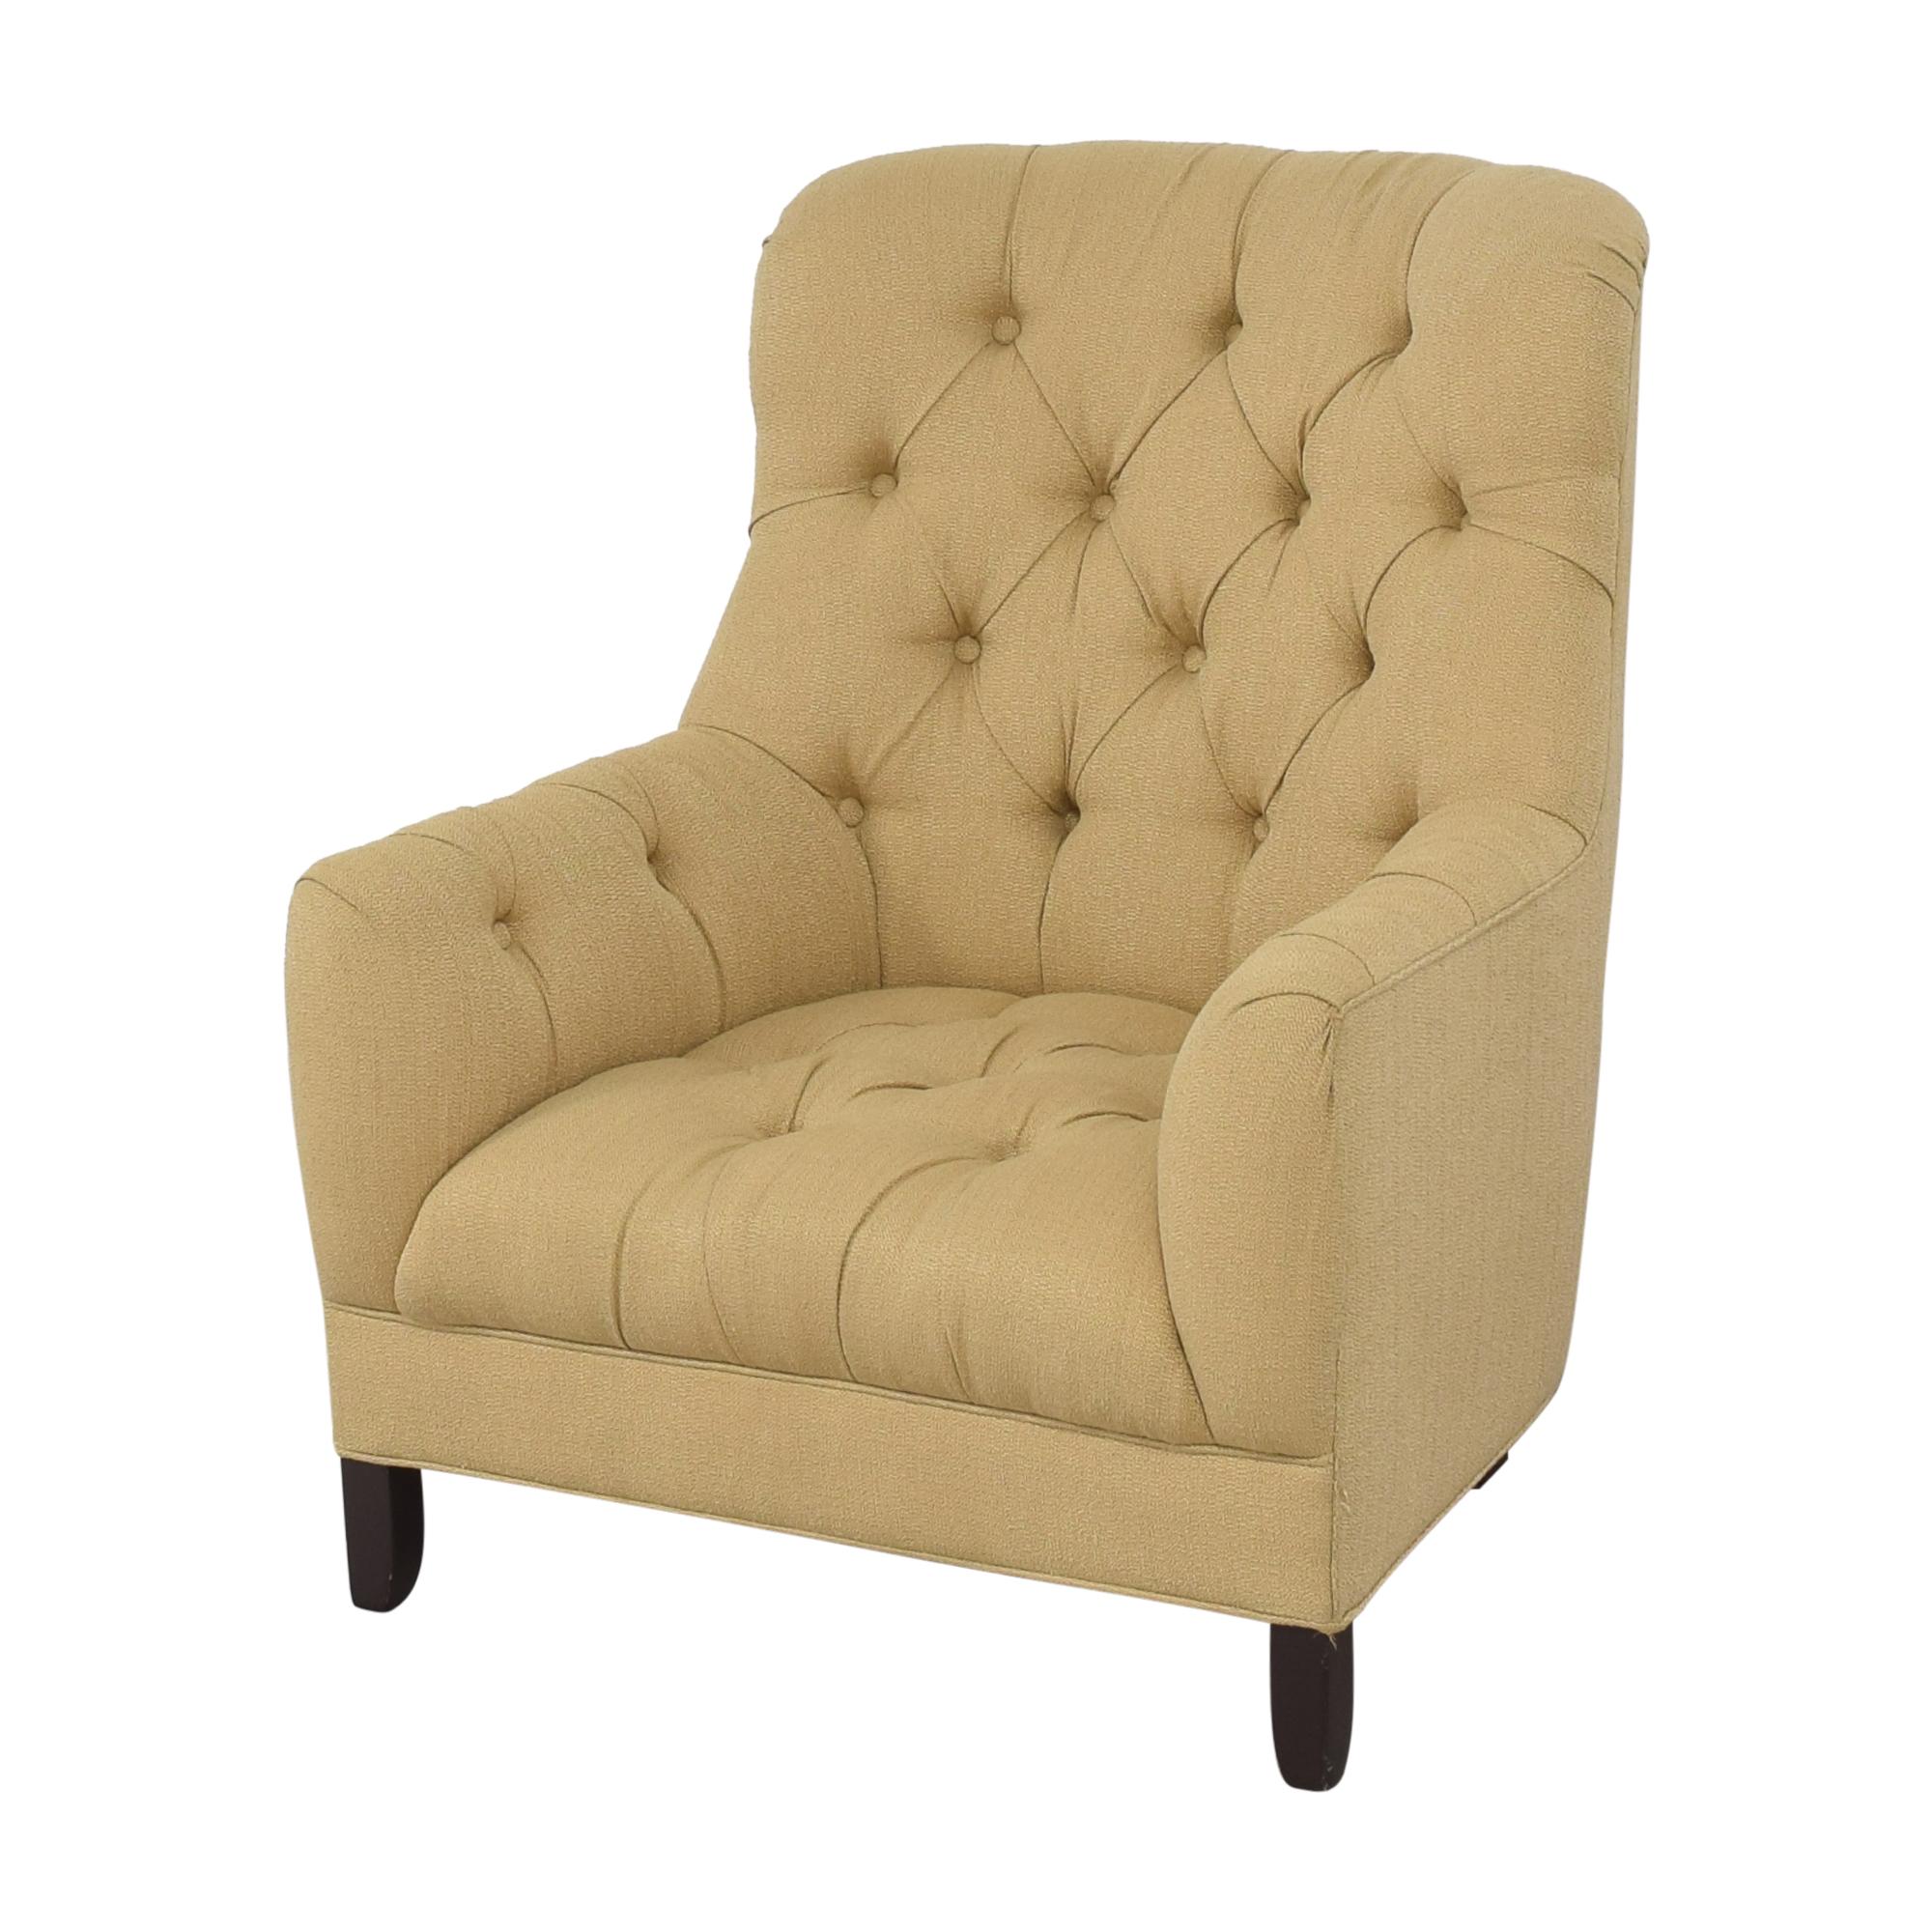 Arhaus Arhaus Club Accent Chair for sale